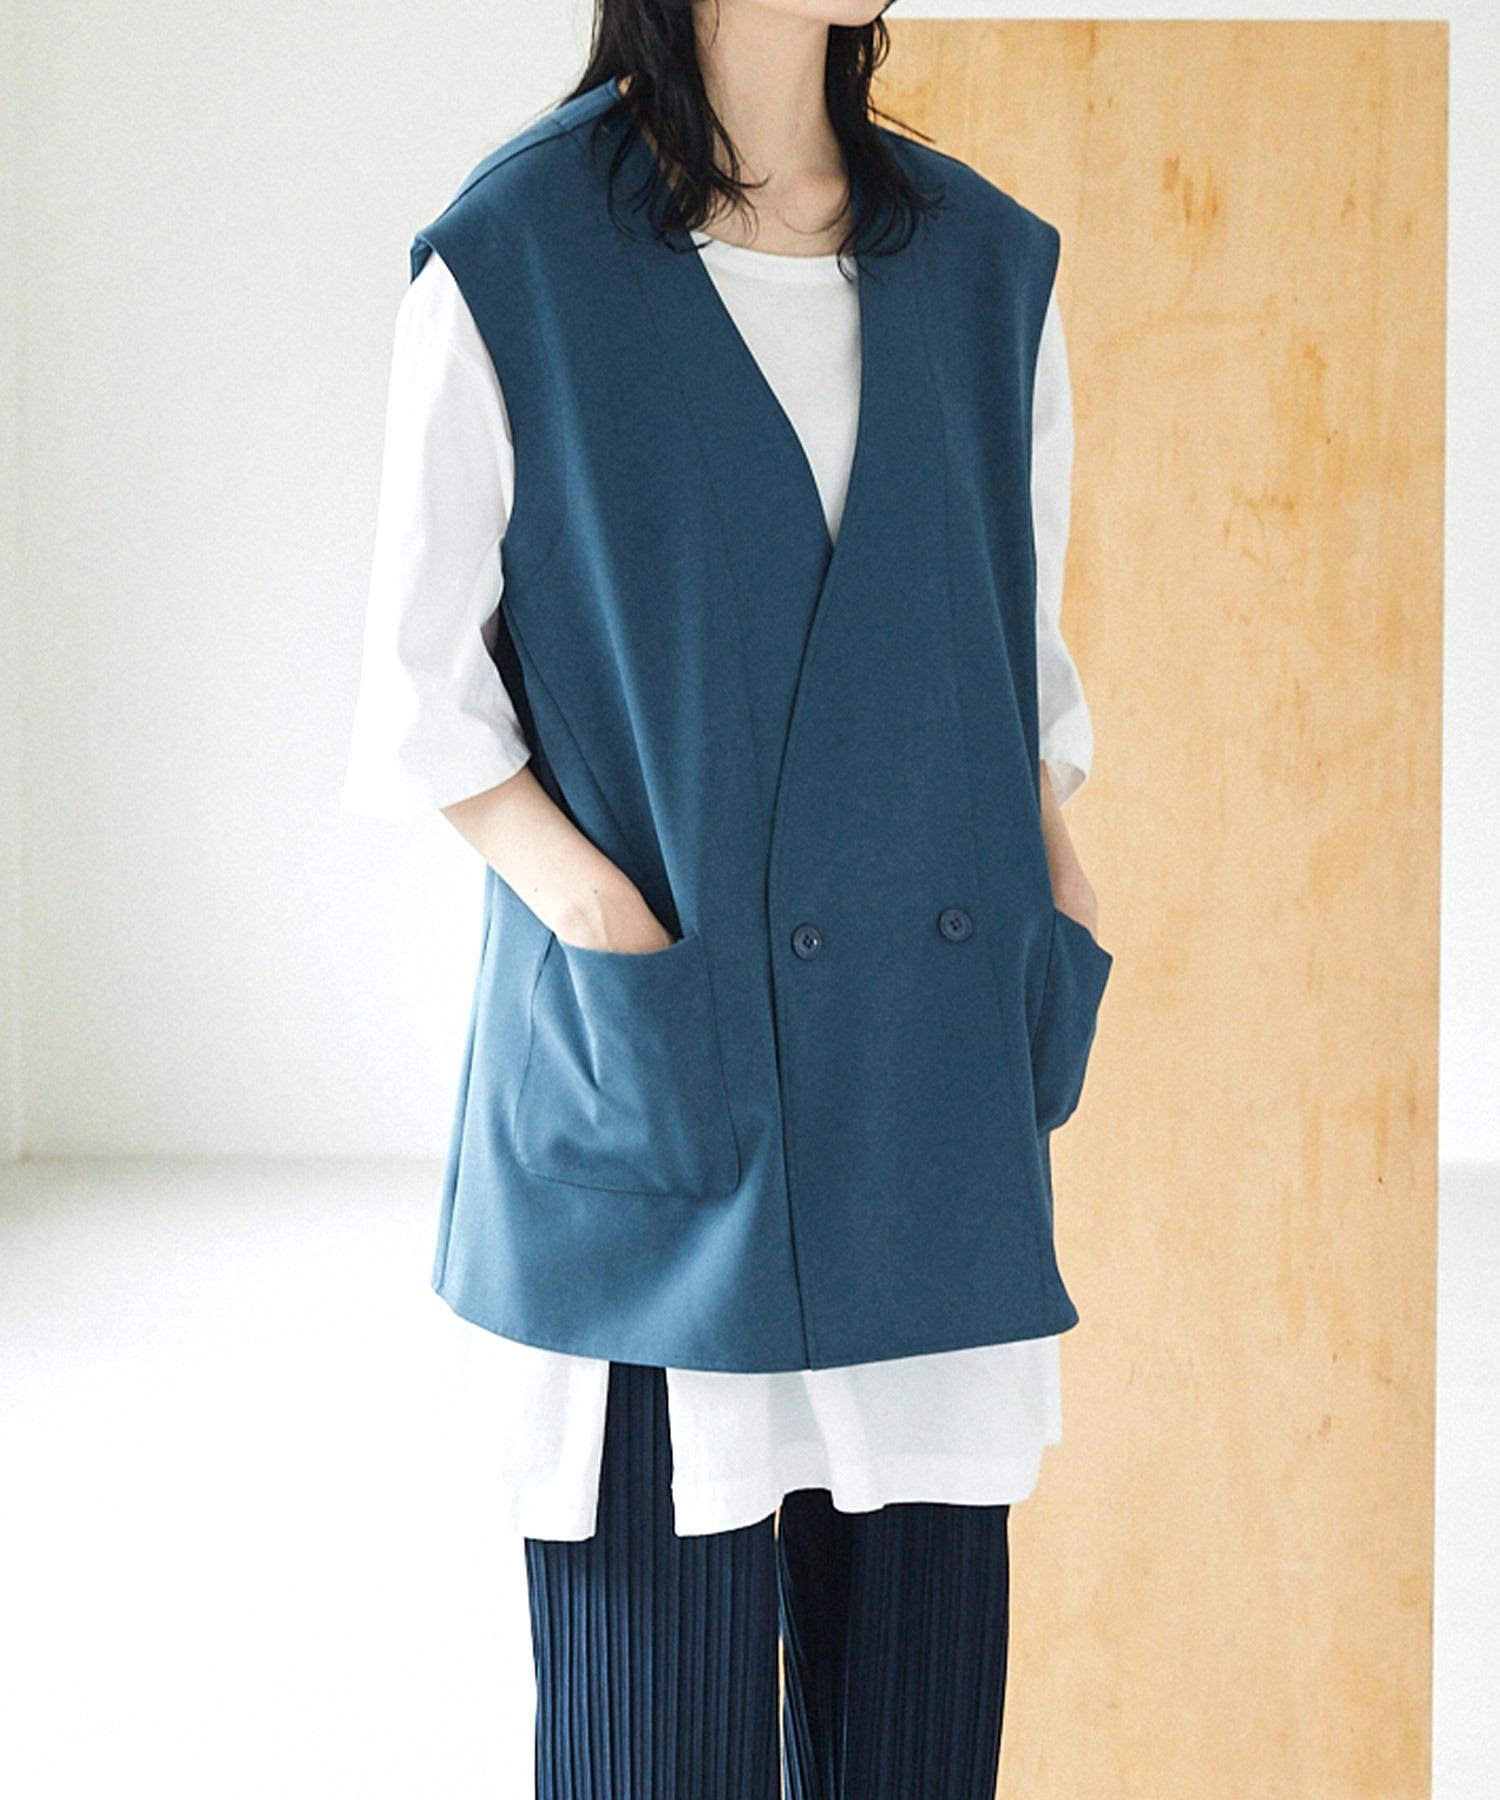 ルーズシルエットオーバーサイズベスト EMMA CLOTHES 2021 SUMMER